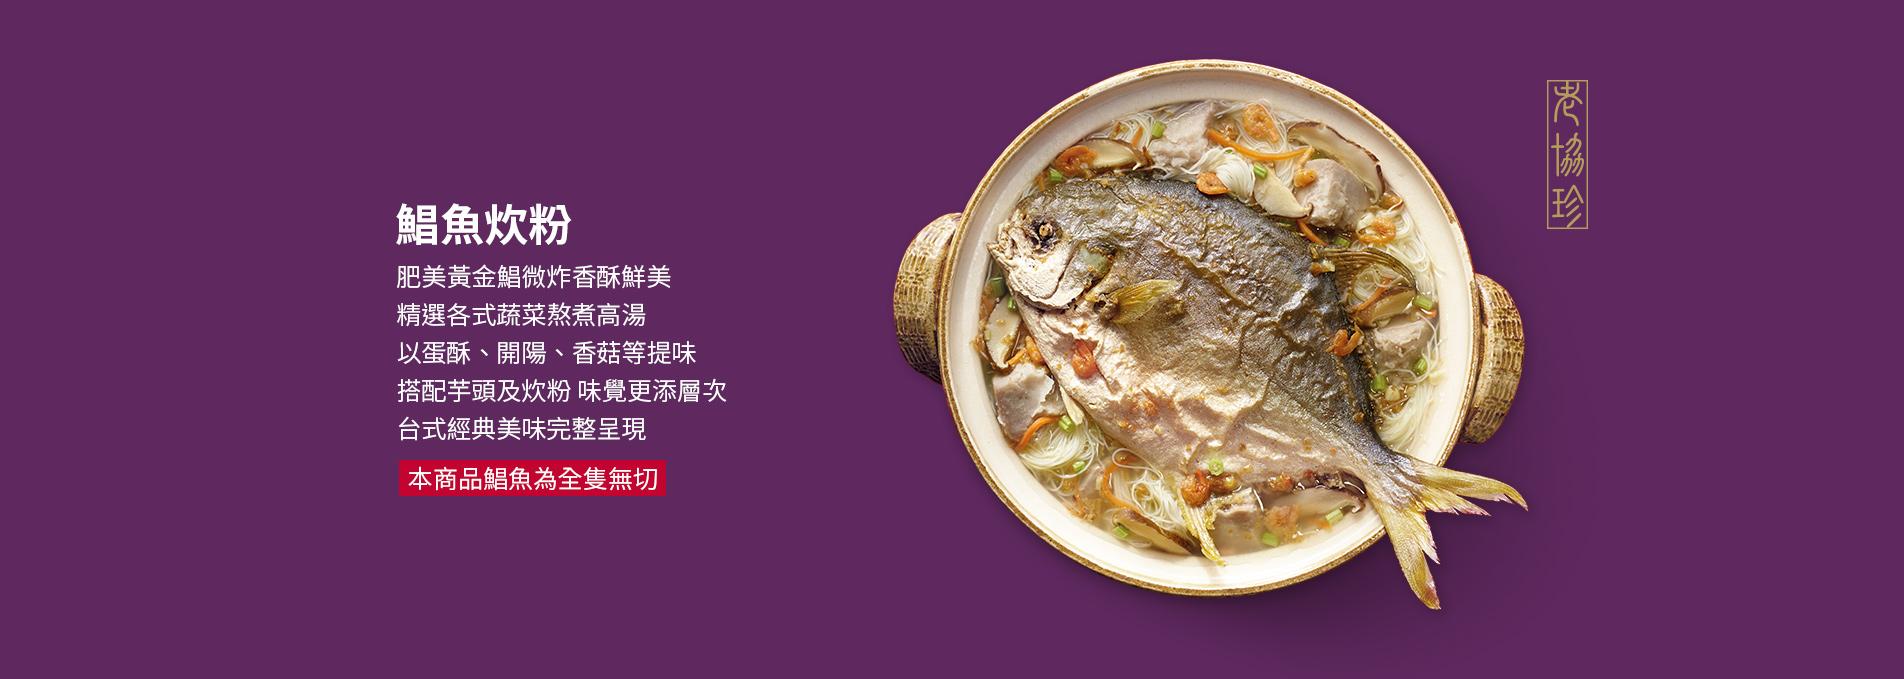 鯧魚炊粉(整條無切)